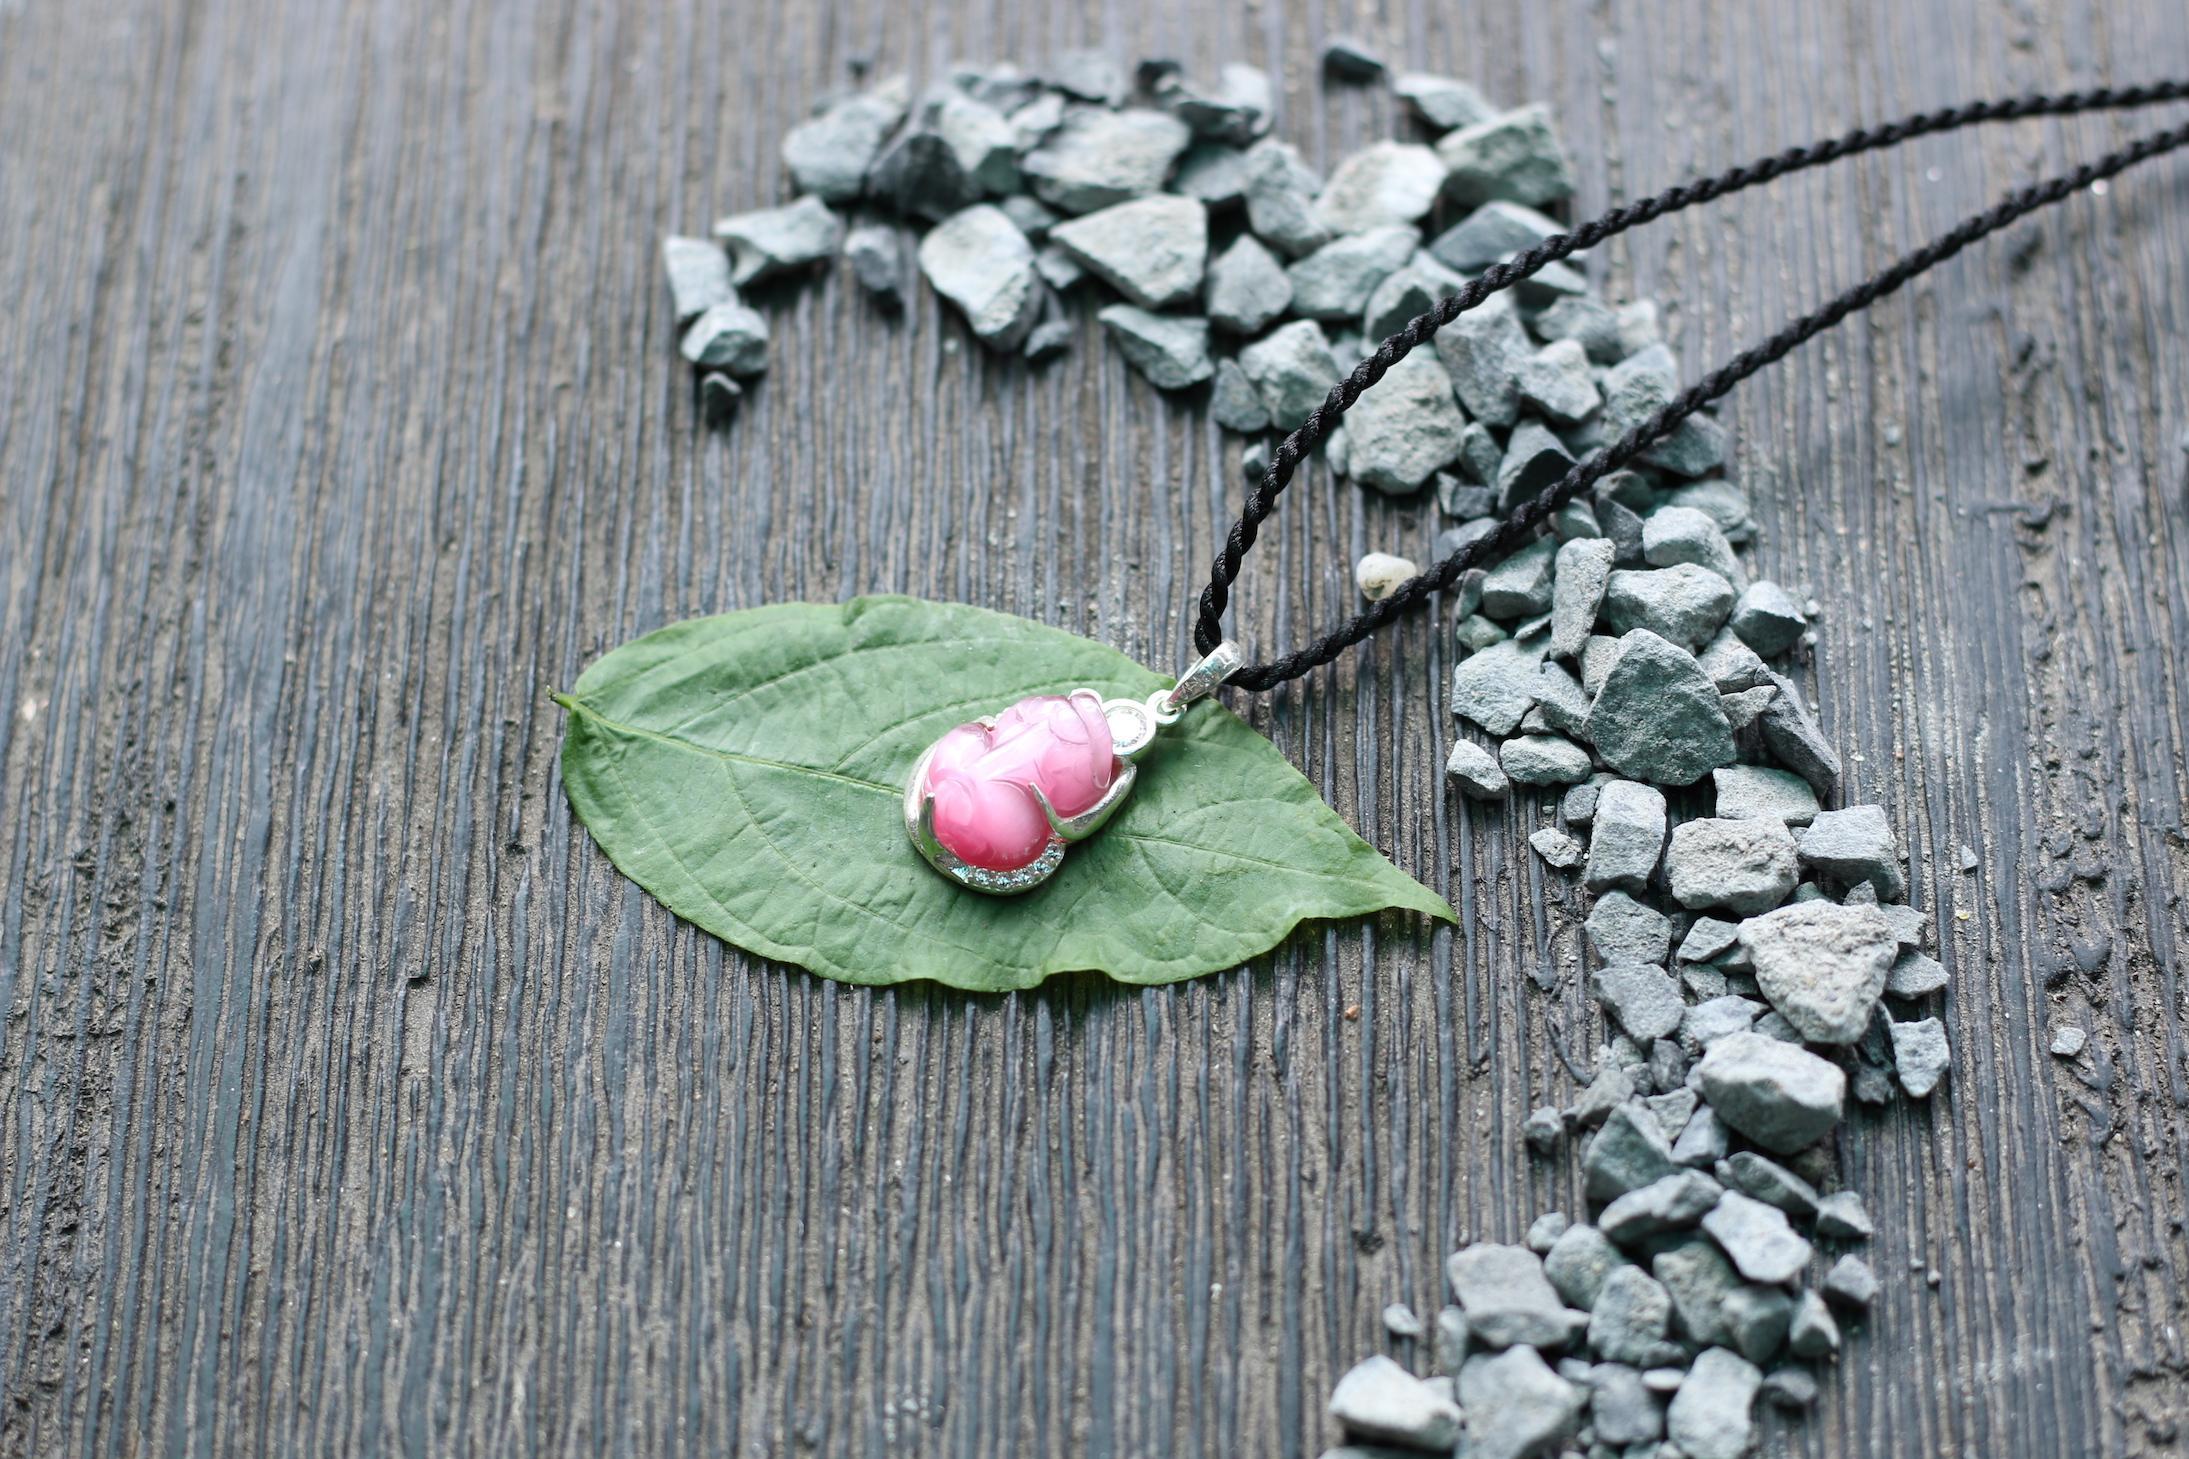 Tỳ hưu pha lê bọc bạc - hồng 2.JPG